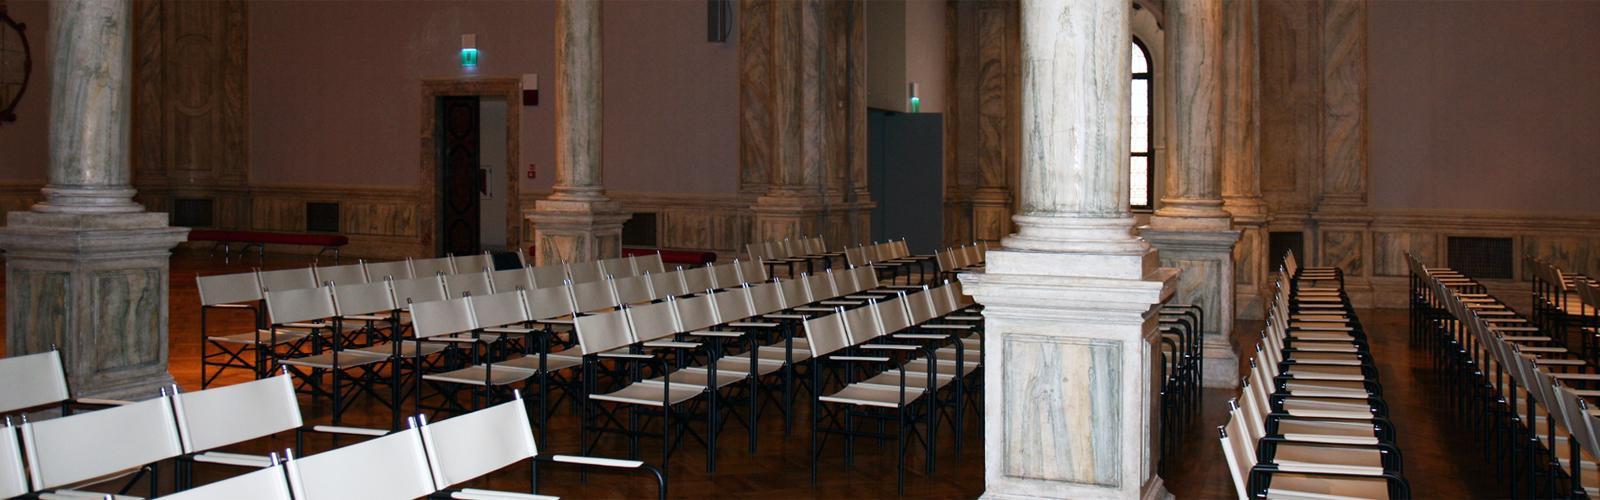 venezia_biennale-sala-delle-colonne